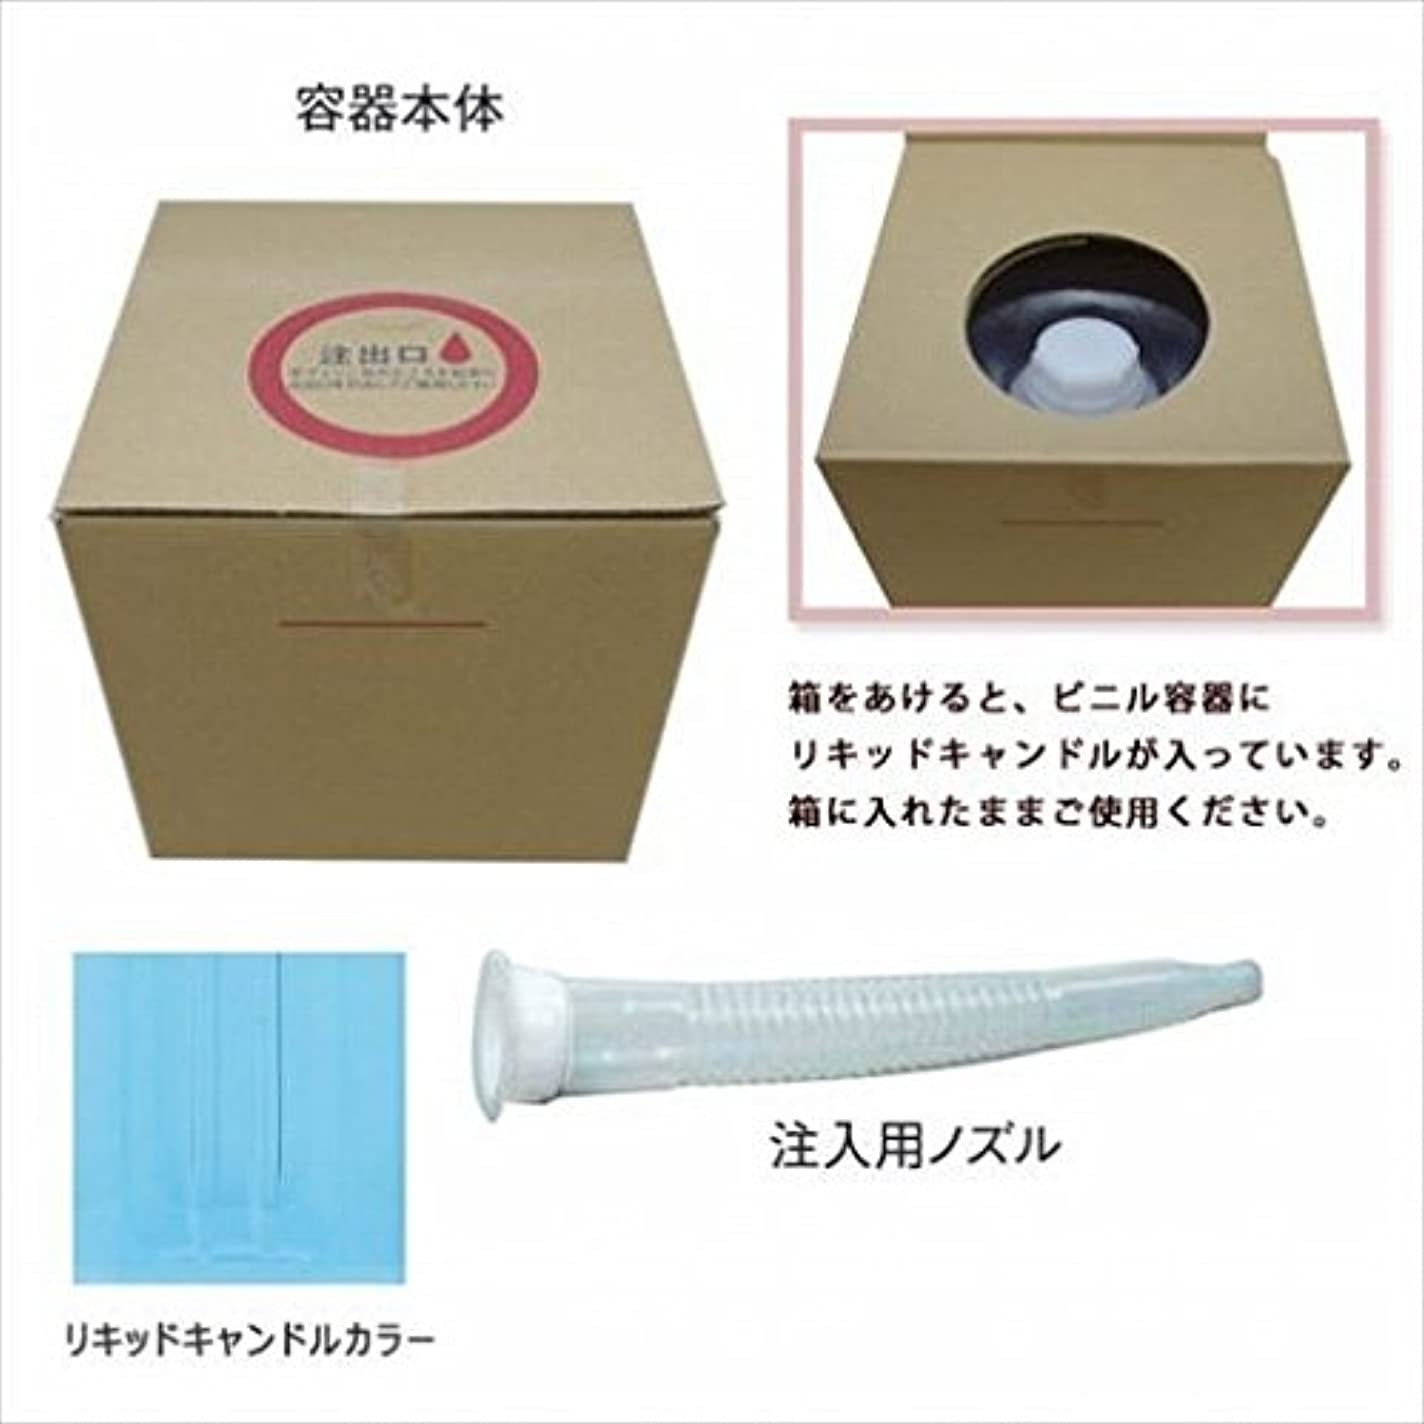 変成器ルームシマウマkameyama candle(カメヤマキャンドル) リキッドキャンドル5リットル 「 ライトブルー 」(77320000LB)